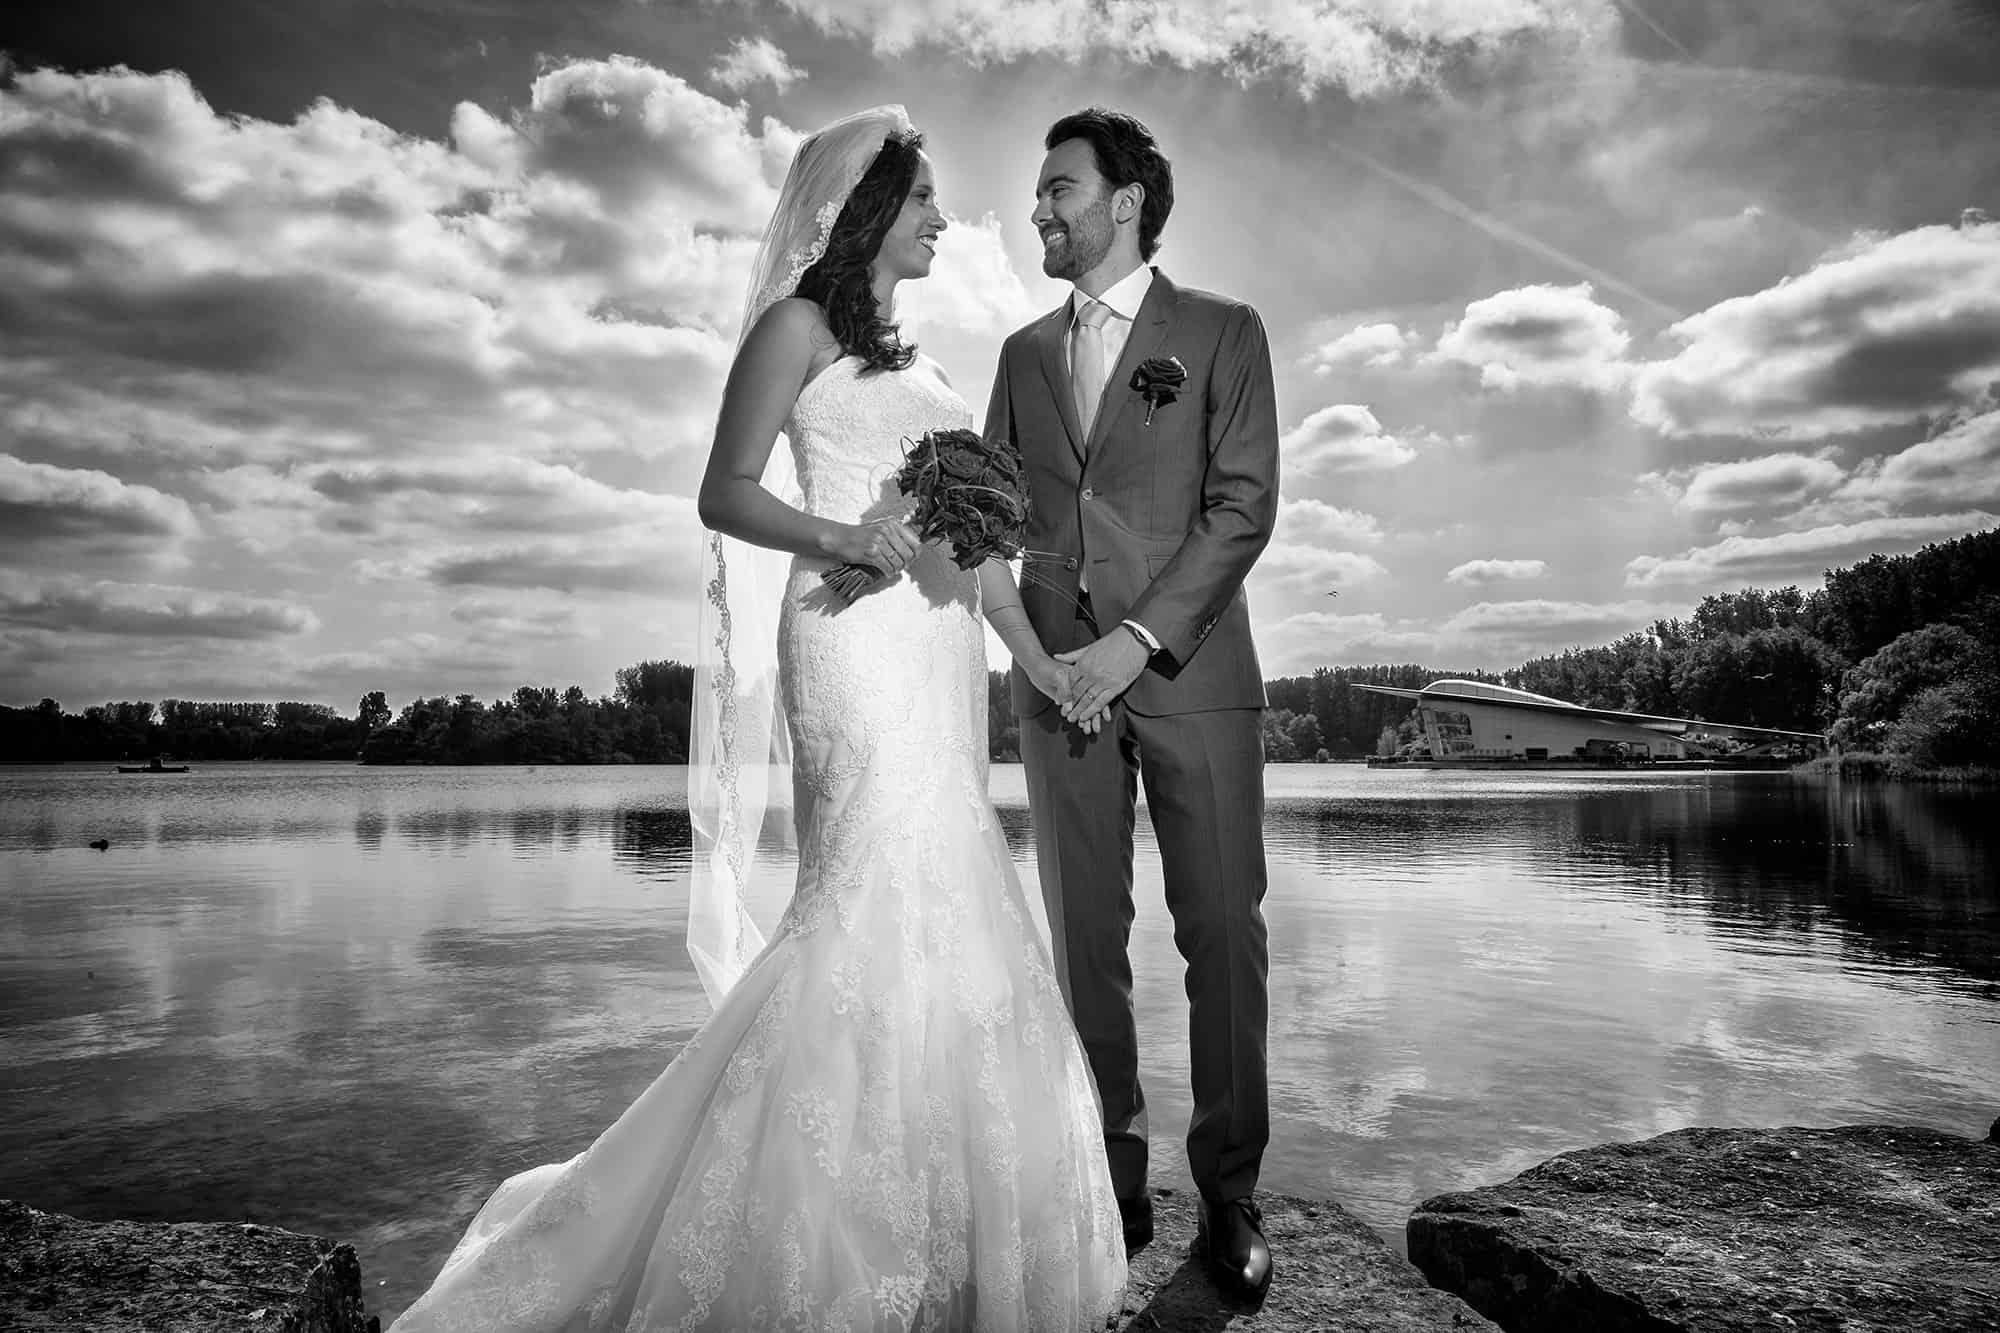 zwart-witfoto bruidspaar